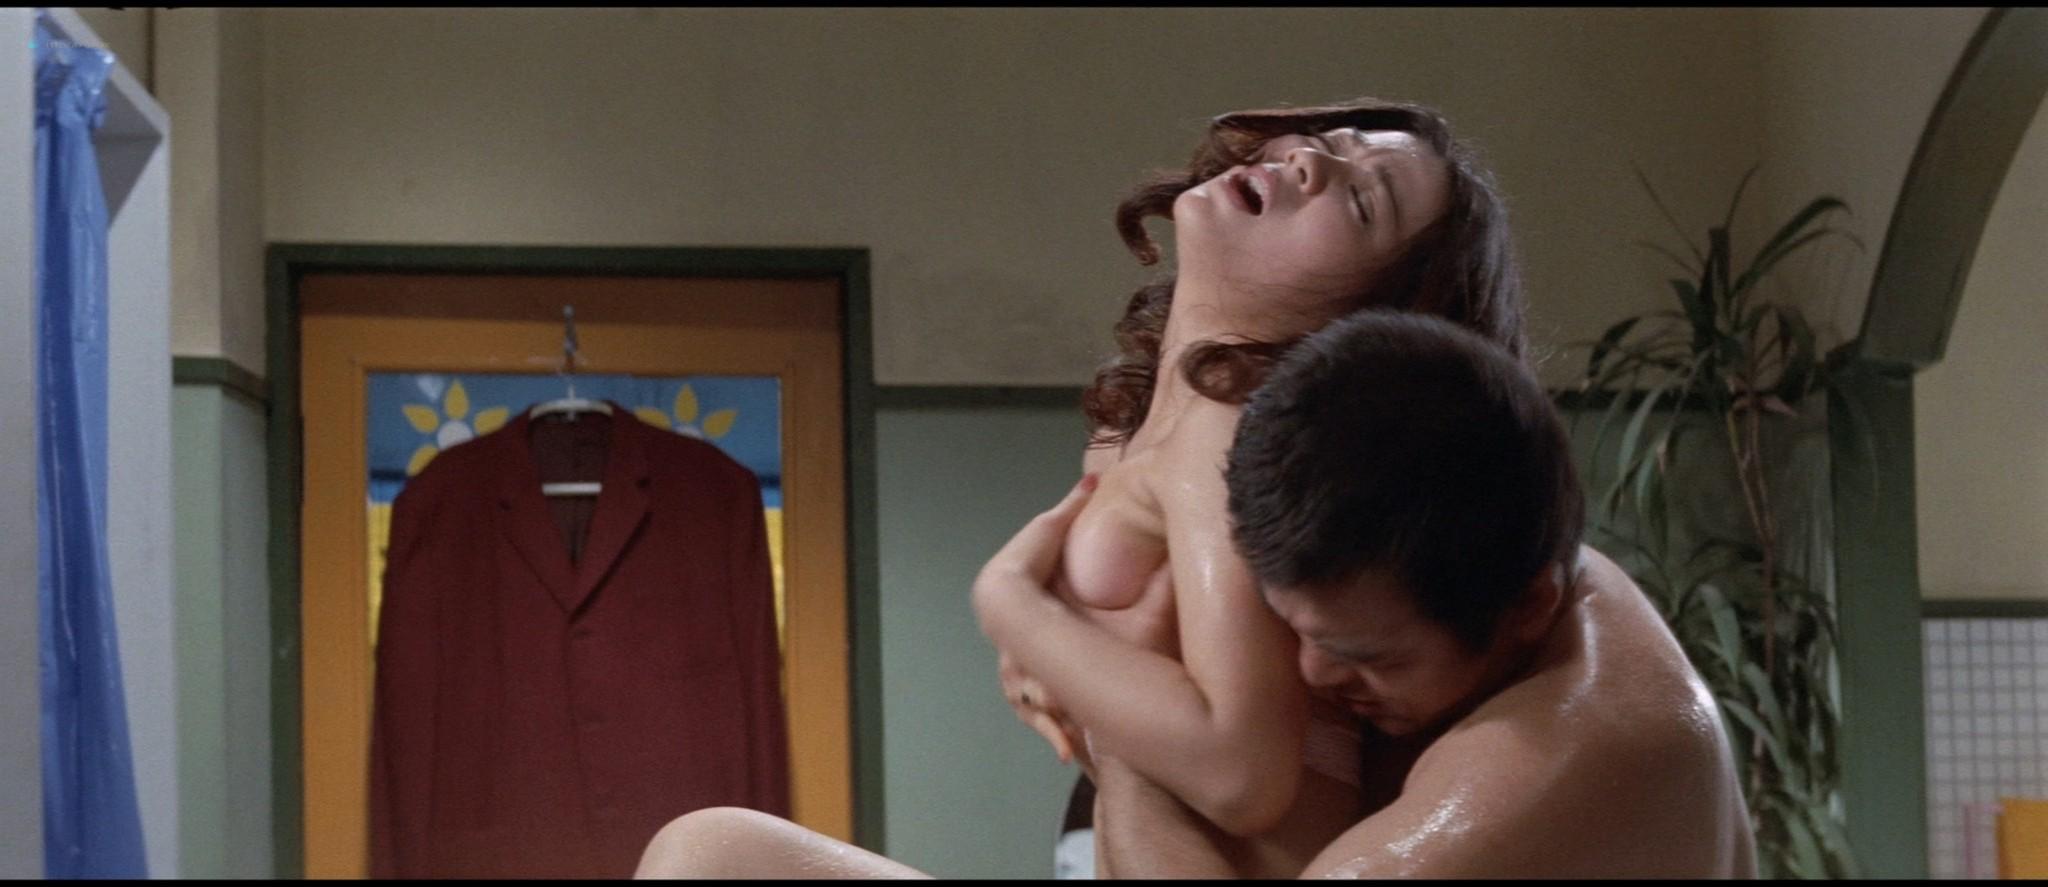 Tomoko Katsura nude sex Hidemi Hara nude sex too - Mesunekotachi no yoru (JP-1972) HD 1080p BluRay (14)